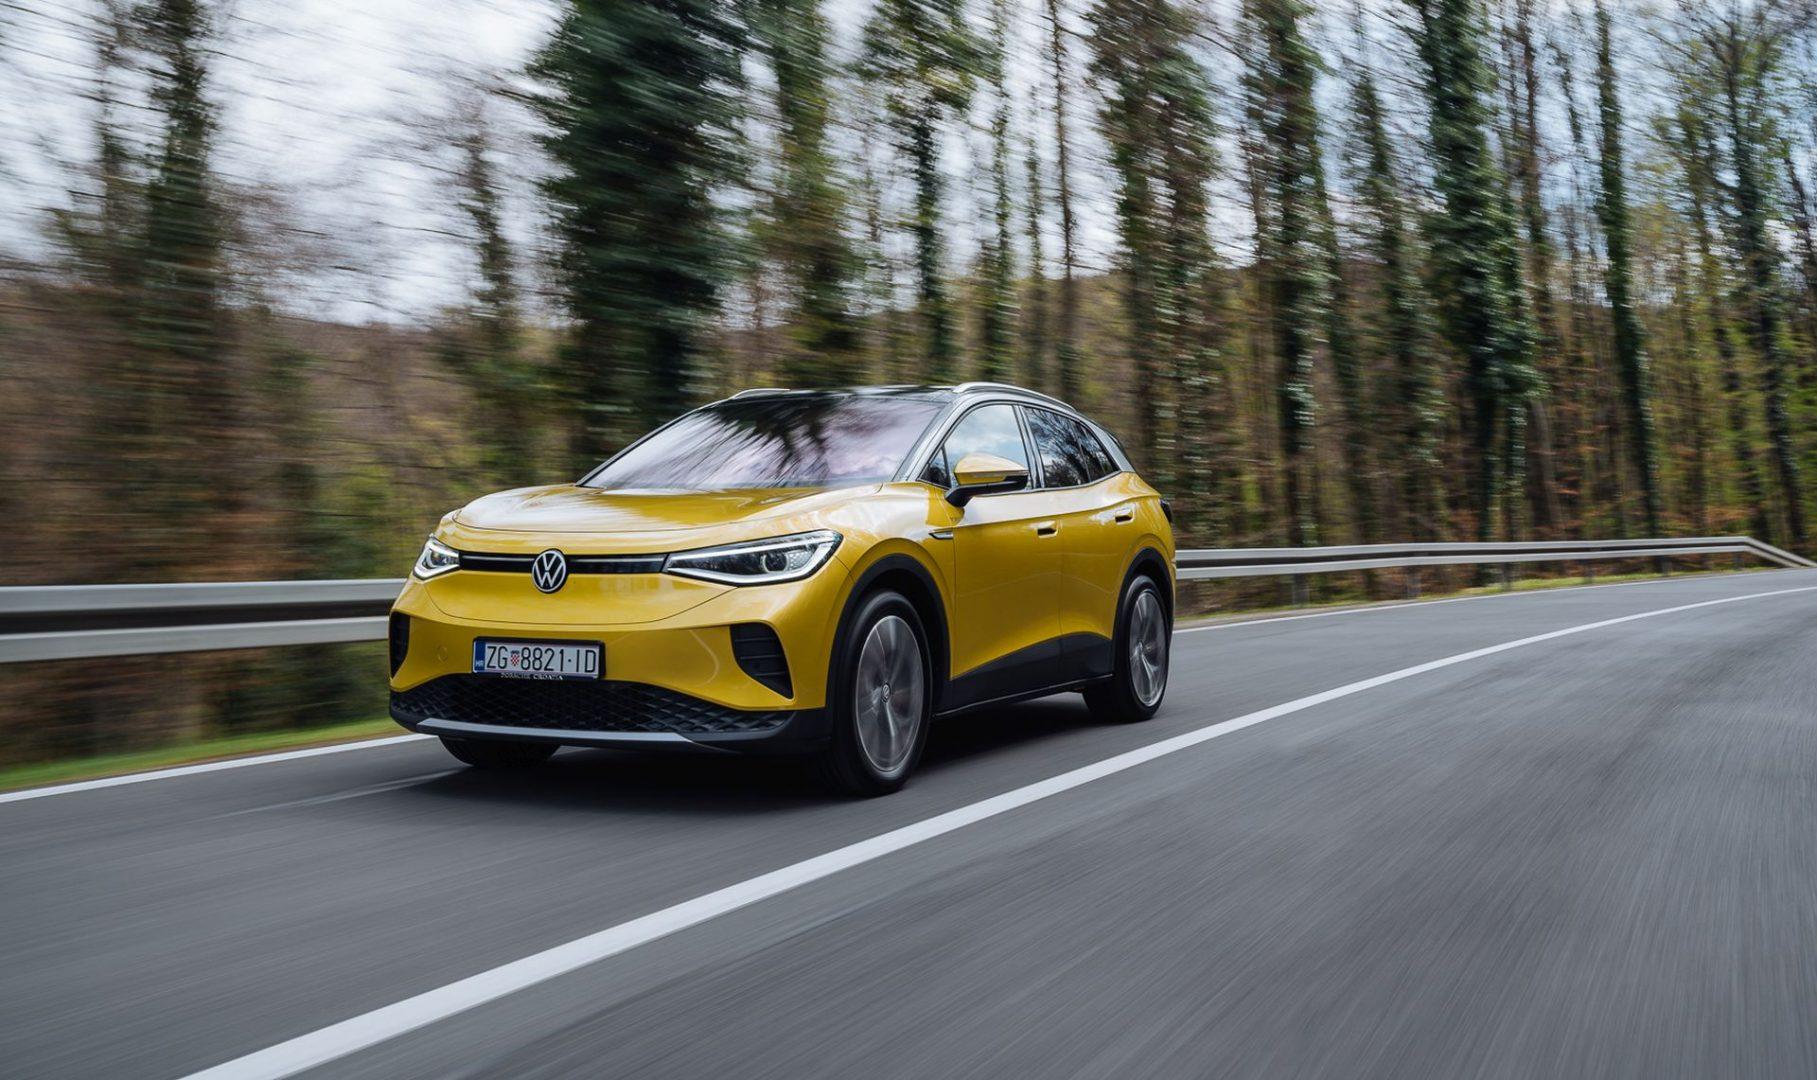 Stigao je prvi električni SUV iz Volkswagena: ID.4 je u ponudi s tri snage motora i dvije veličine baterija